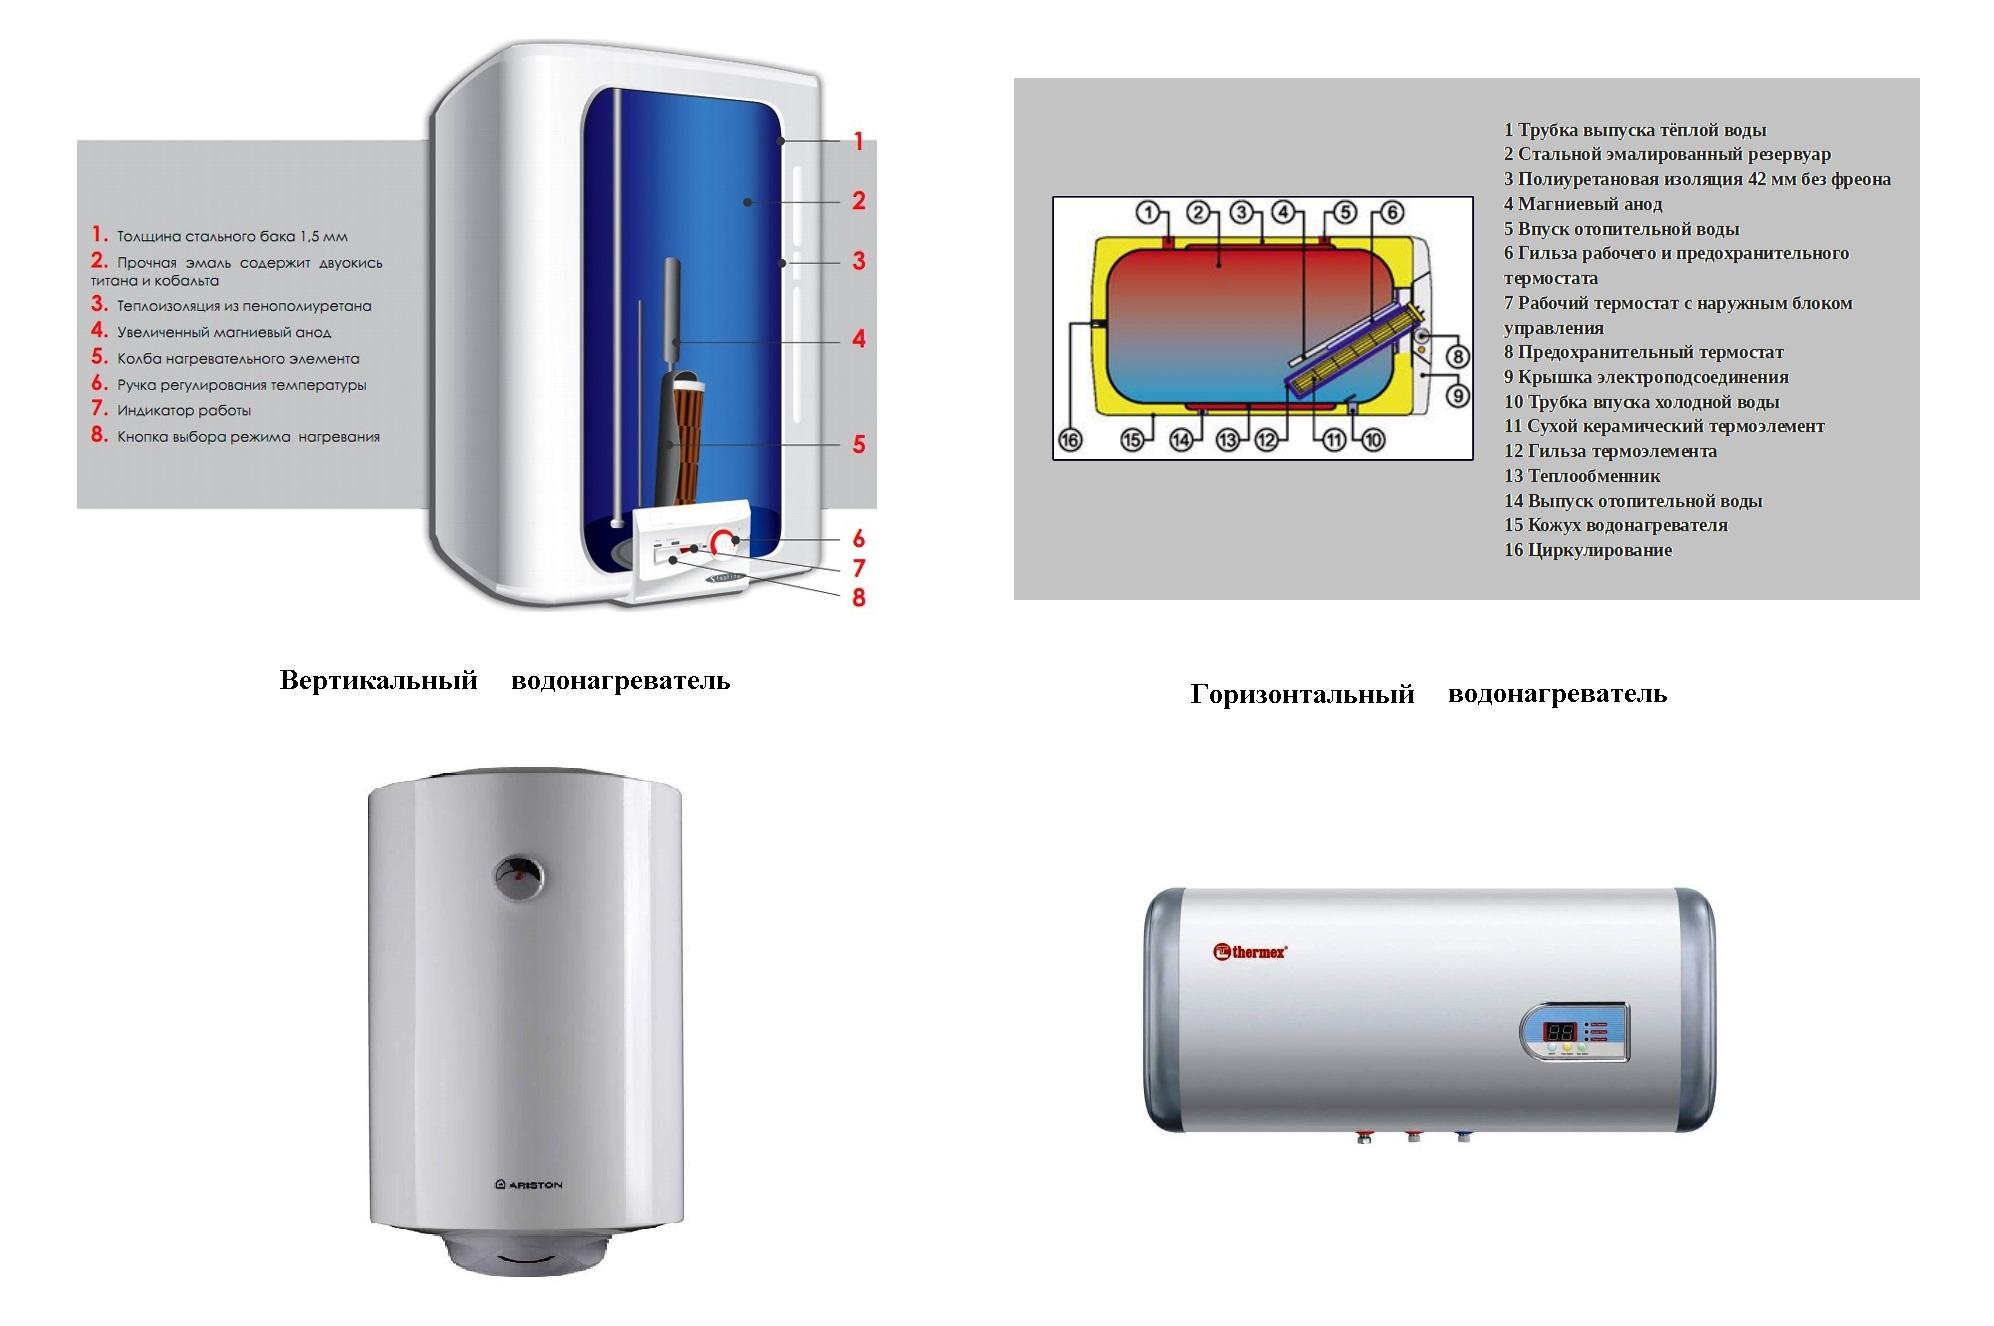 Особенности работы водонагревателей. Особенности использования мембранных расширительных баков